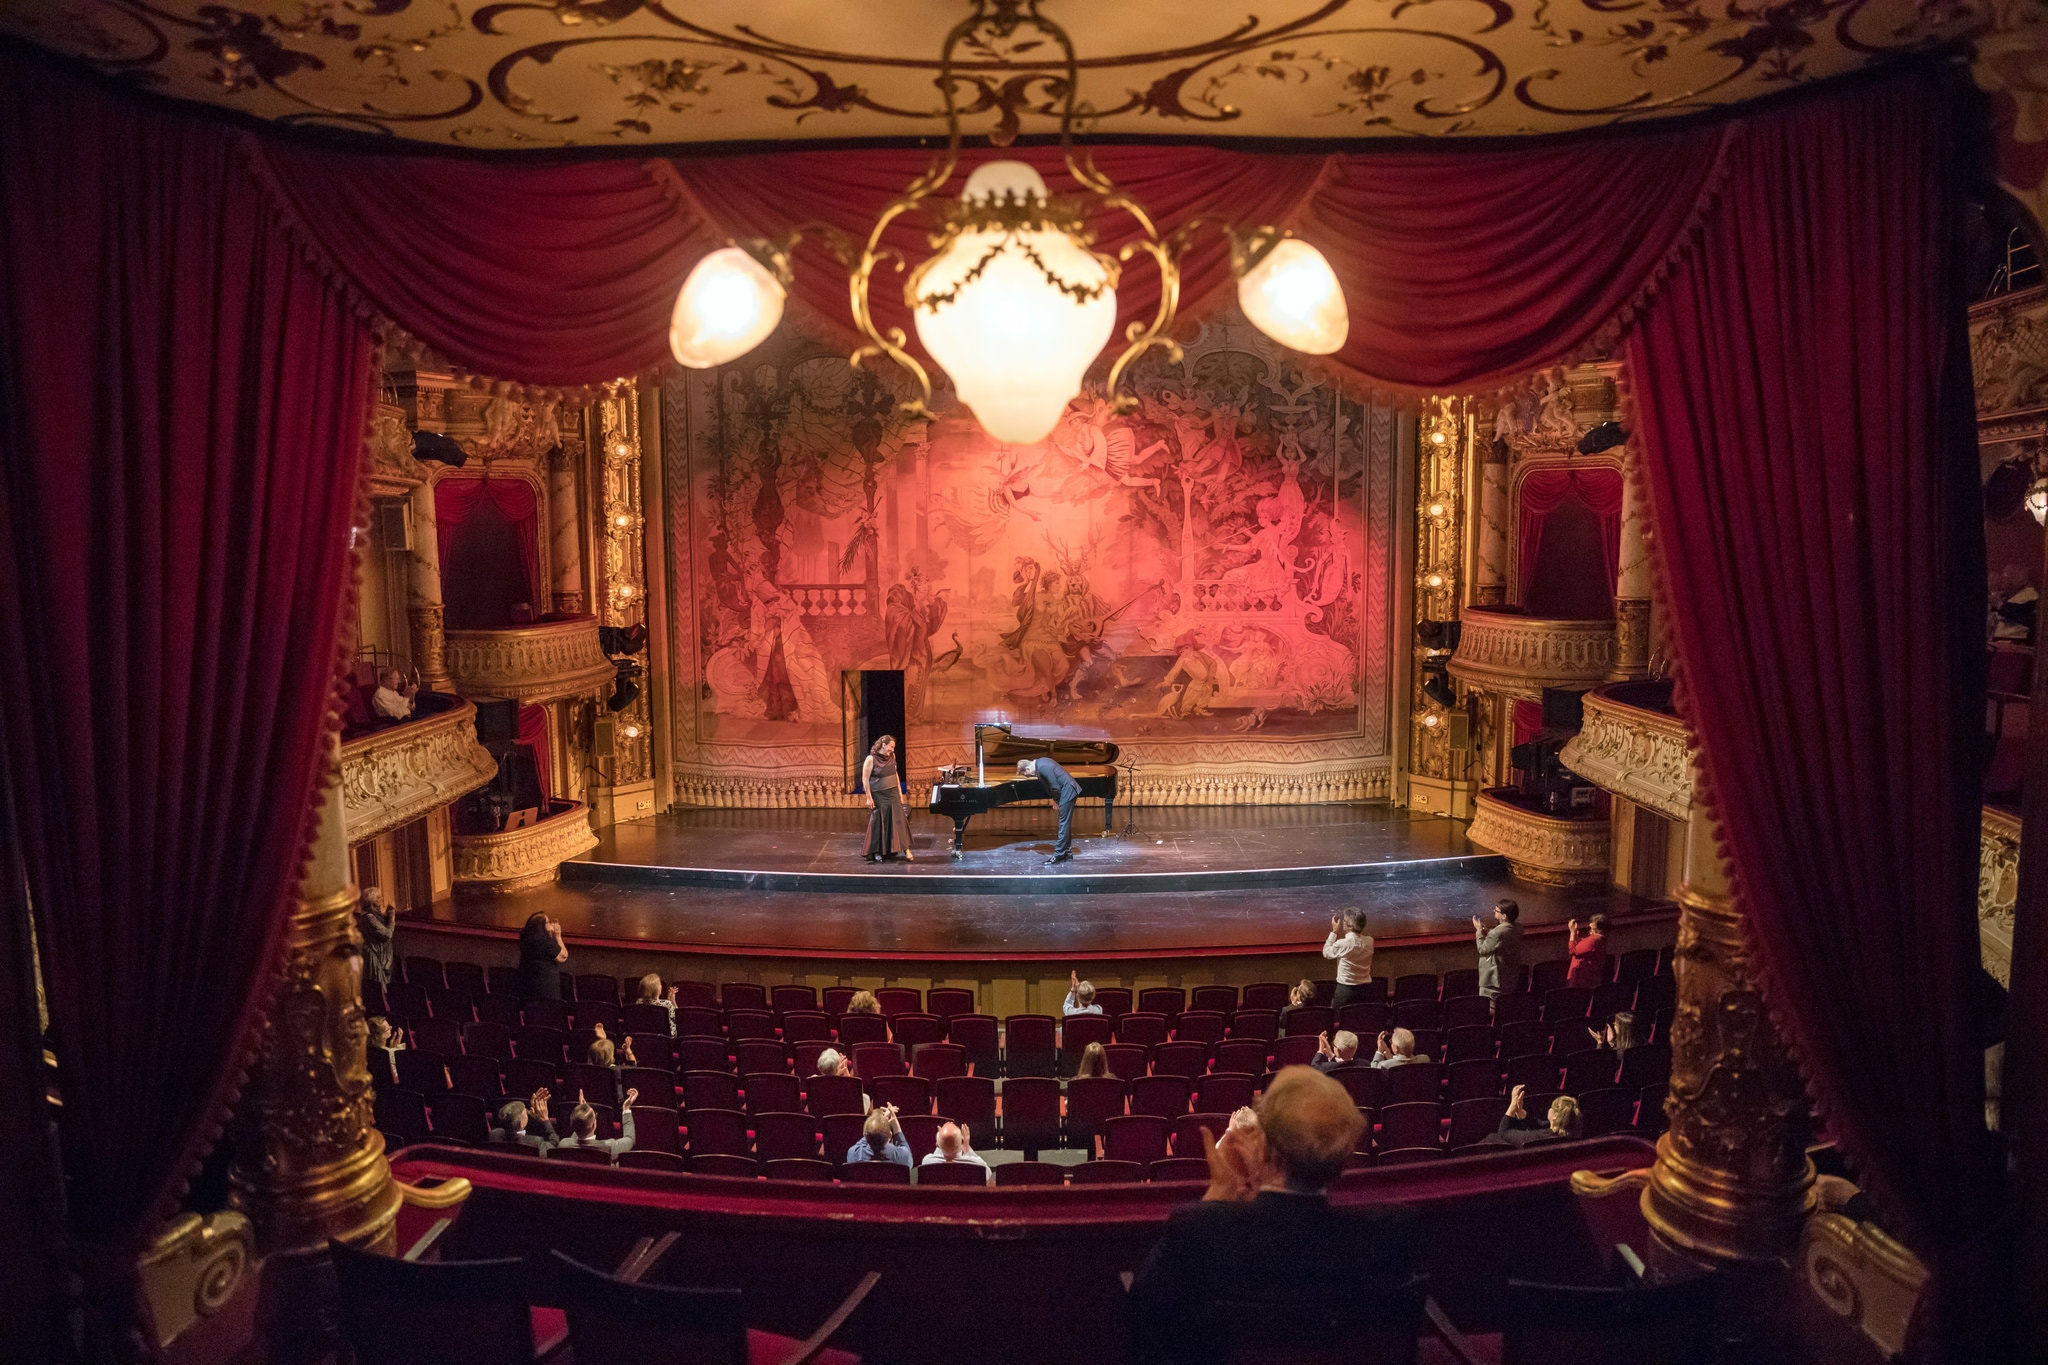 Η πρώτη μουσική παράσταση σε θέατρο στην Γερμανία, φωτογραφία: The New York Times